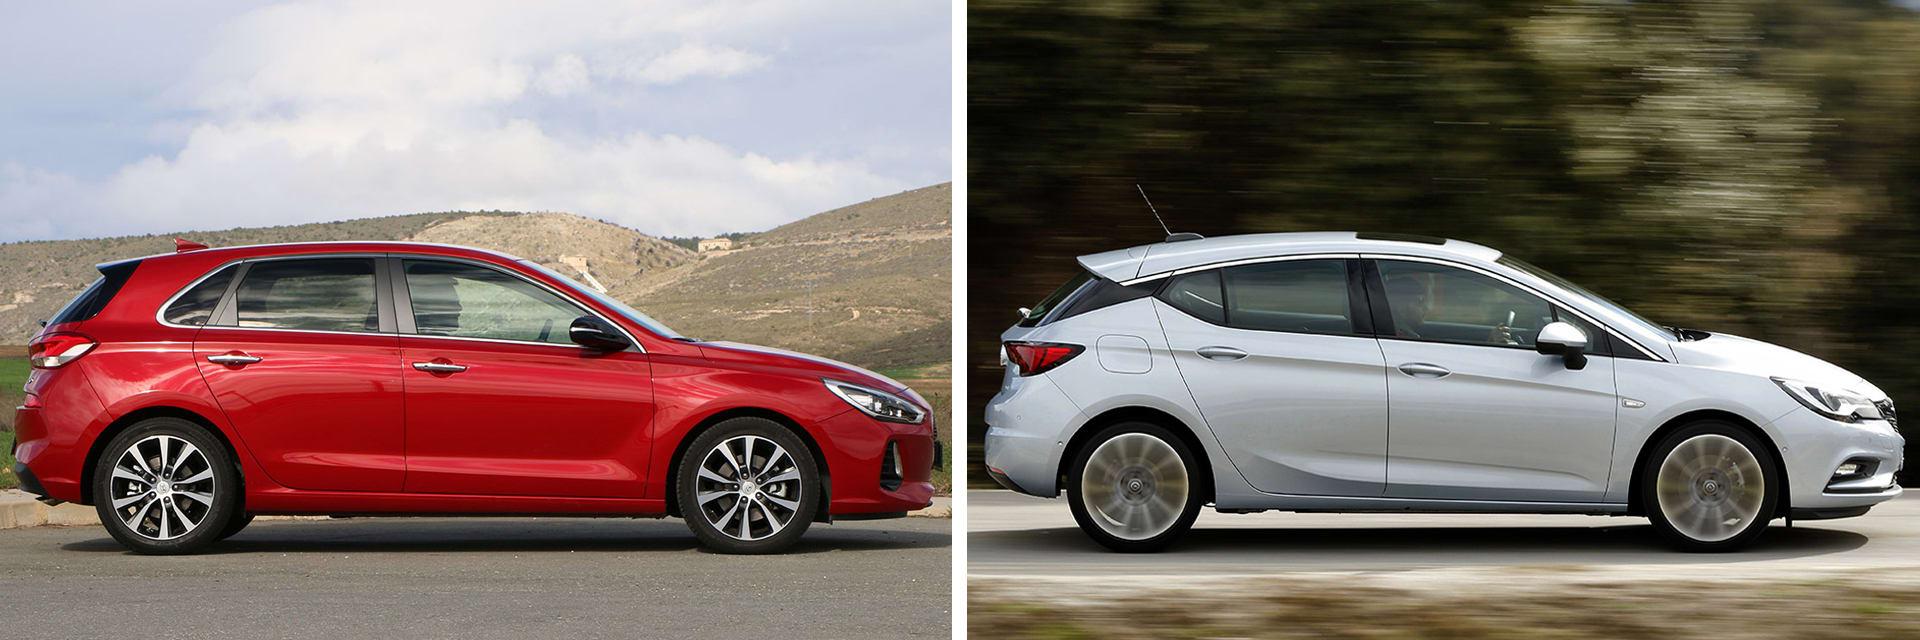 Las fotos del Hyundai i30 corresponden al acabado Tecno. Las fotos del Opel Astra corresponden al acabado Excellence. Fotos cedidas por KM77.